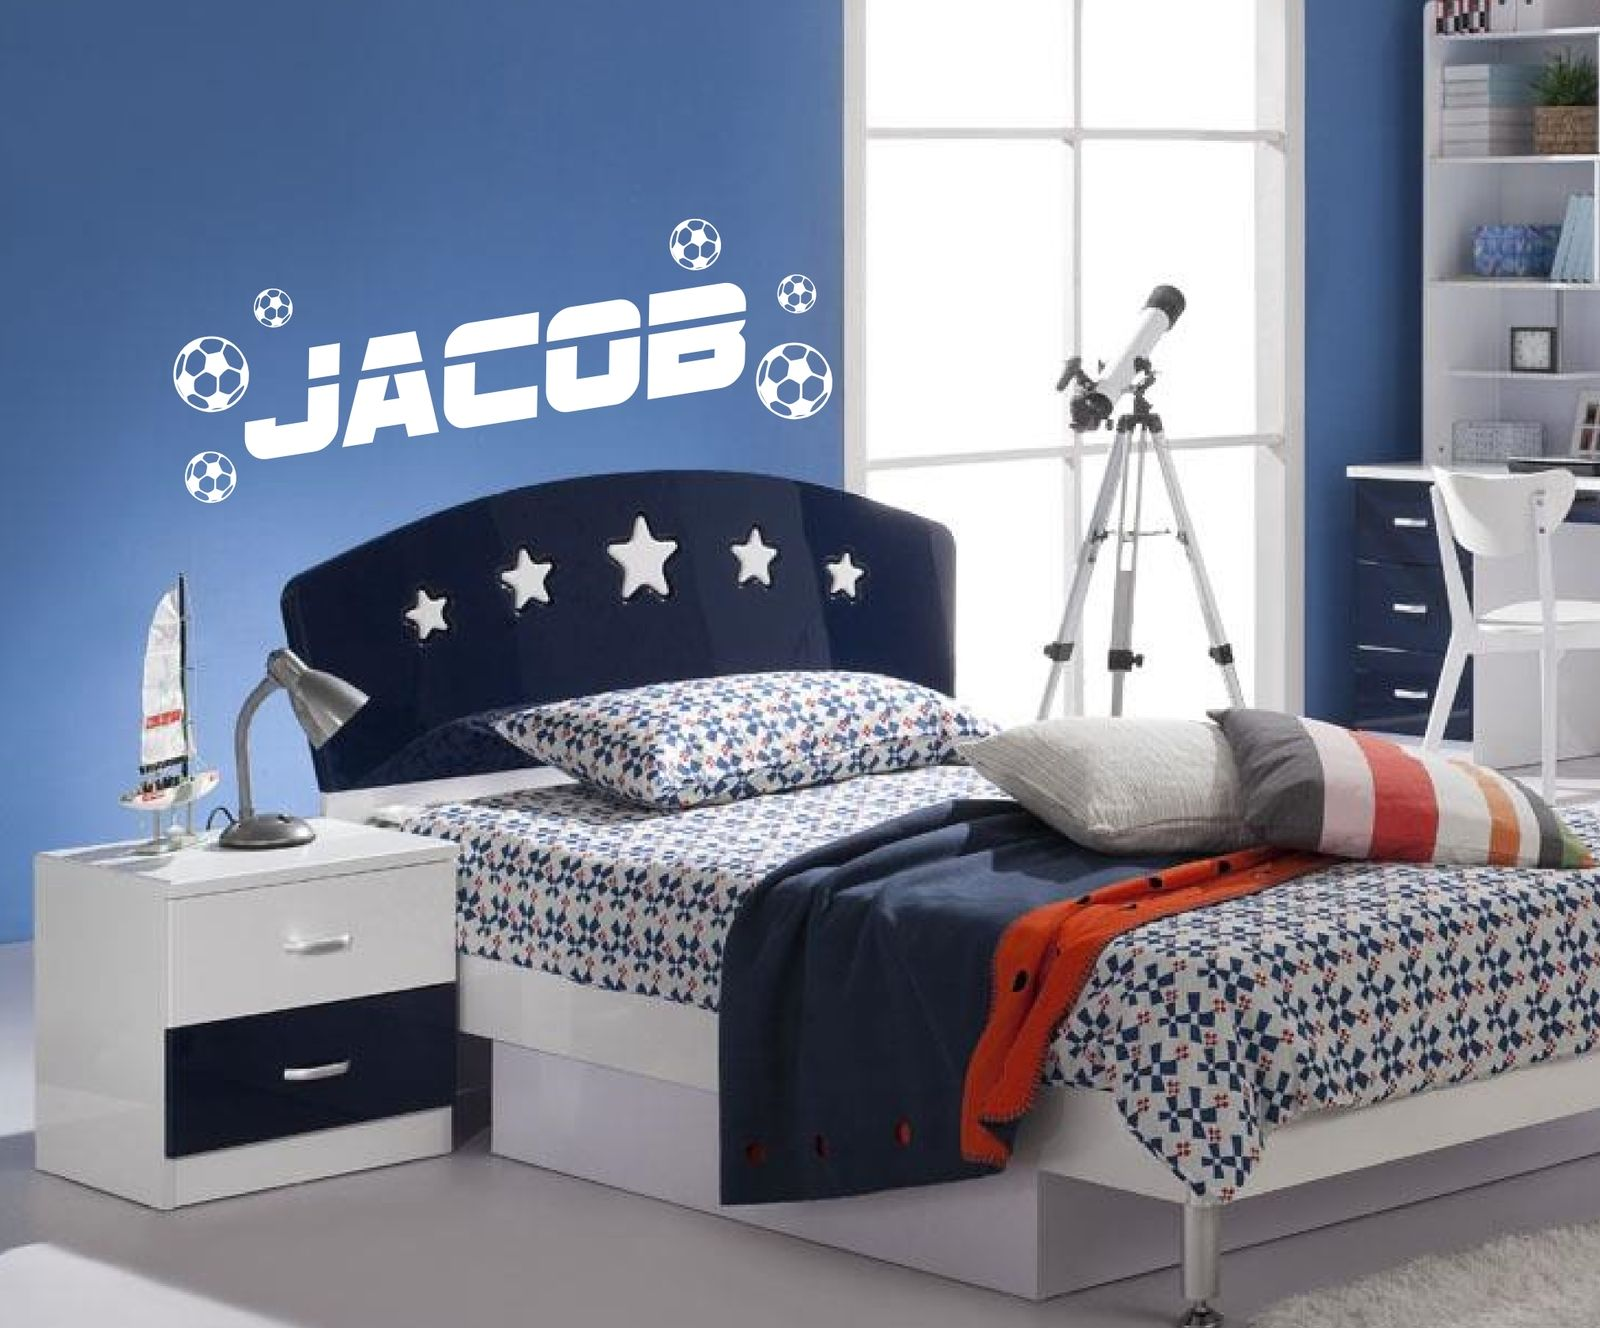 popular boys football bedrooms-buy cheap boys football bedrooms